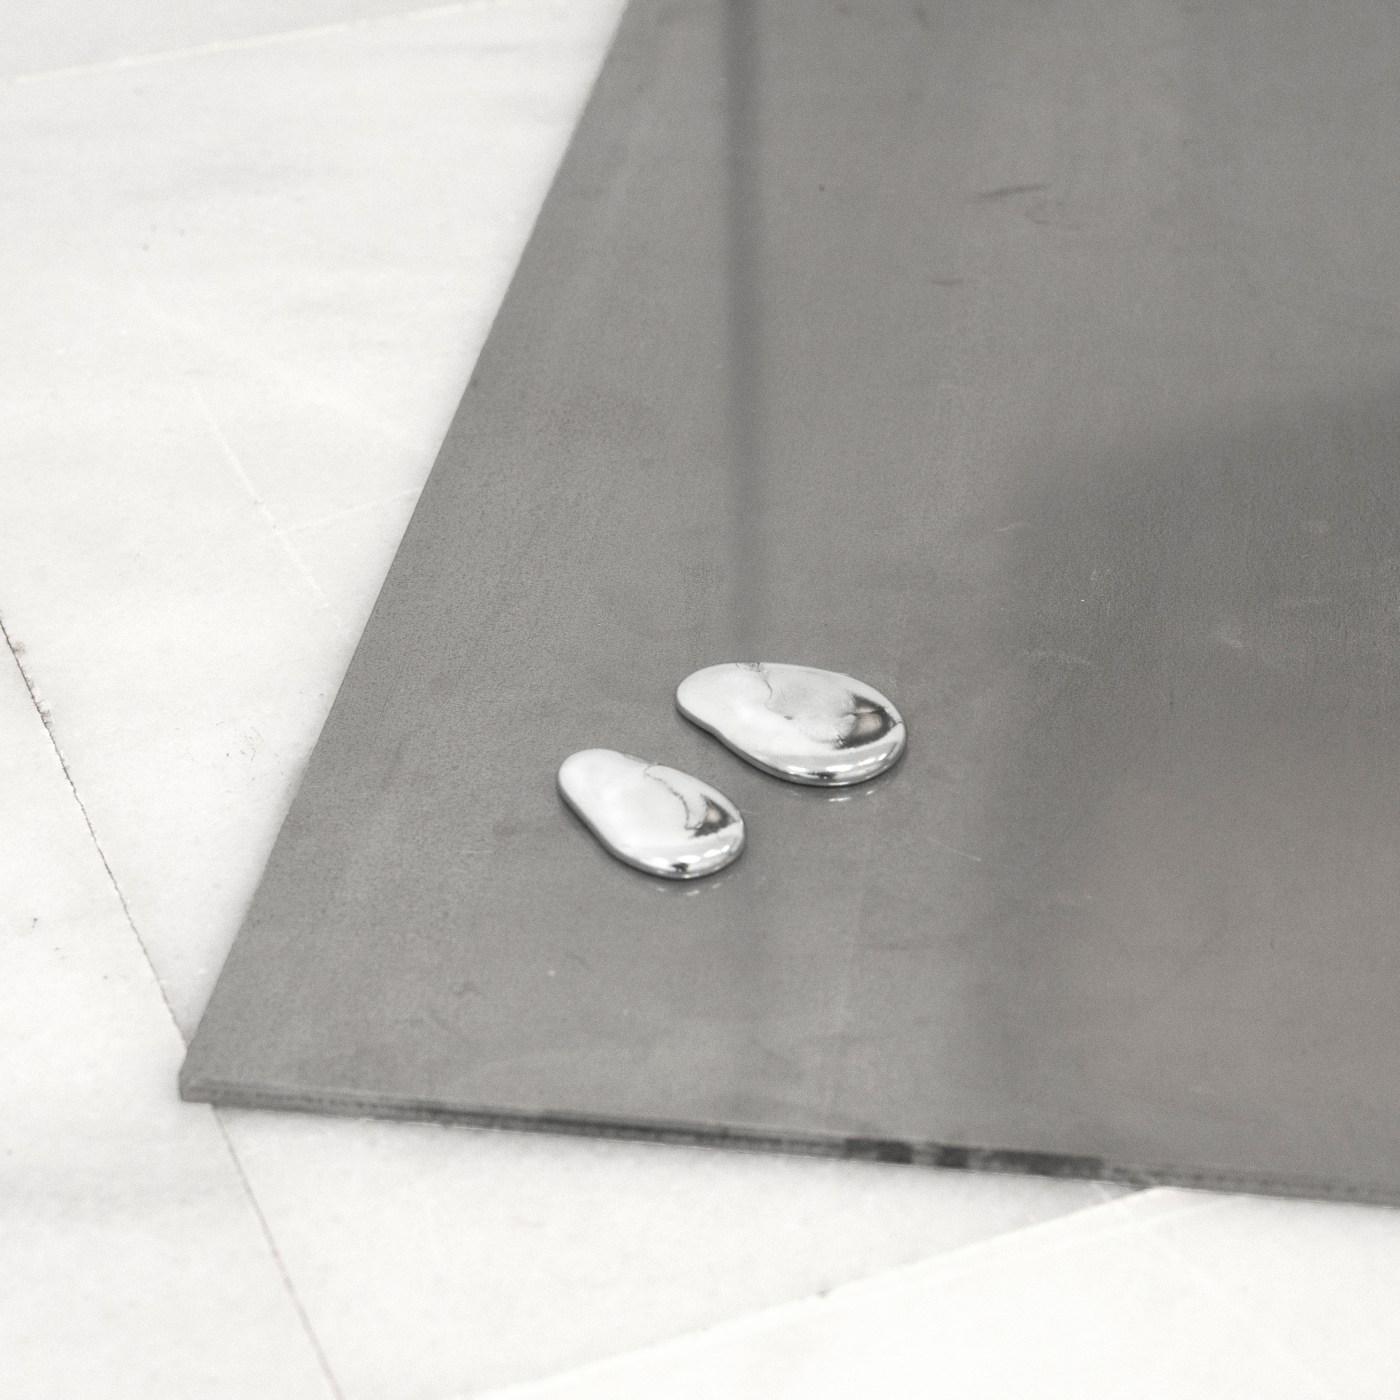 Moreno & Grau. S/T del proyecto Inhabit(detalle), 2018. Vista de exposición. Centro cultural CajaGranada